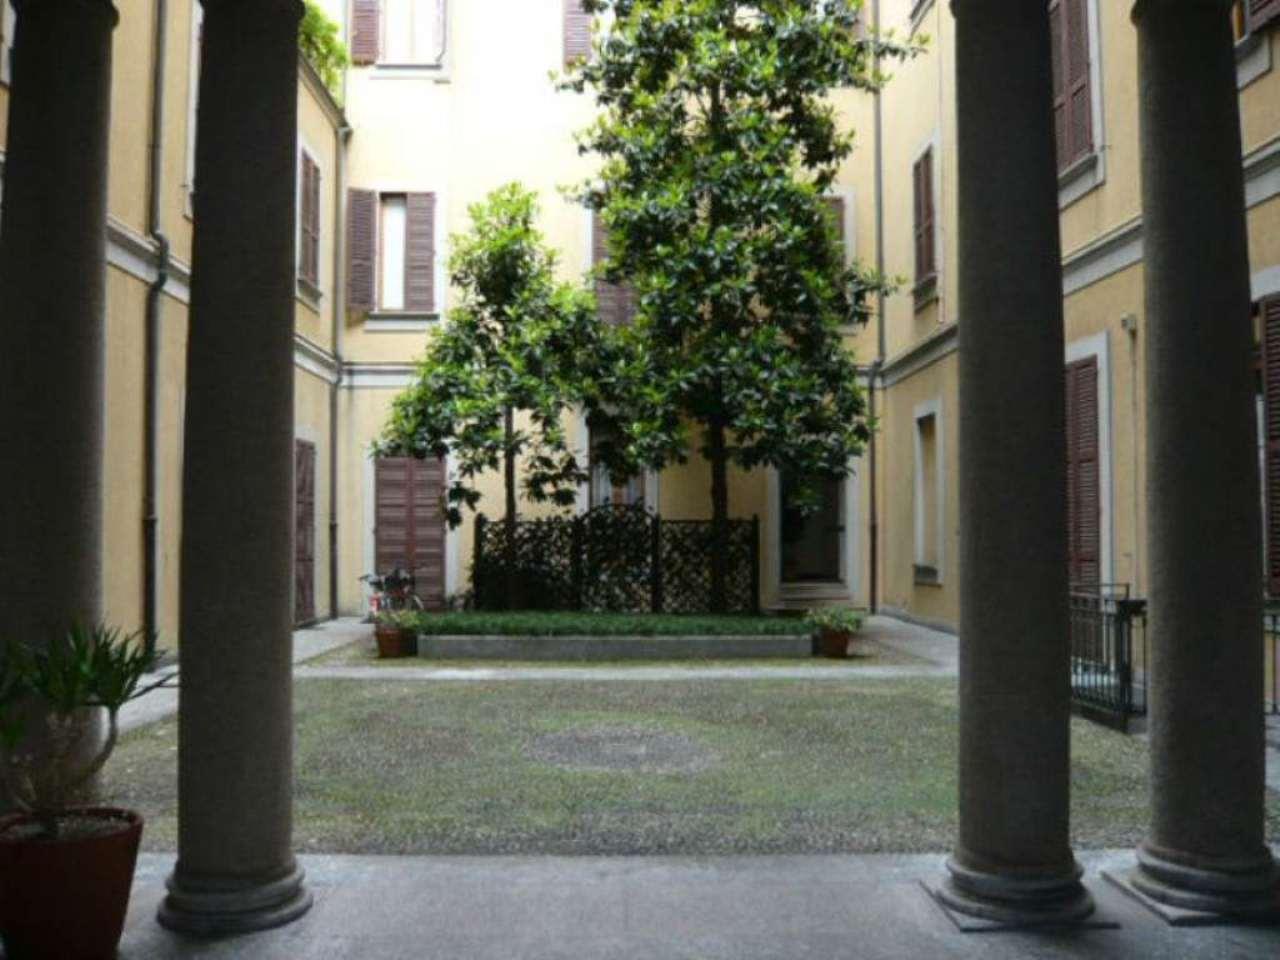 Ufficio / Studio in vendita a Milano, 7 locali, zona Zona: 1 . Centro Storico, Duomo, Brera, Cadorna, Cattolica, prezzo € 1.250.000 | Cambio Casa.it